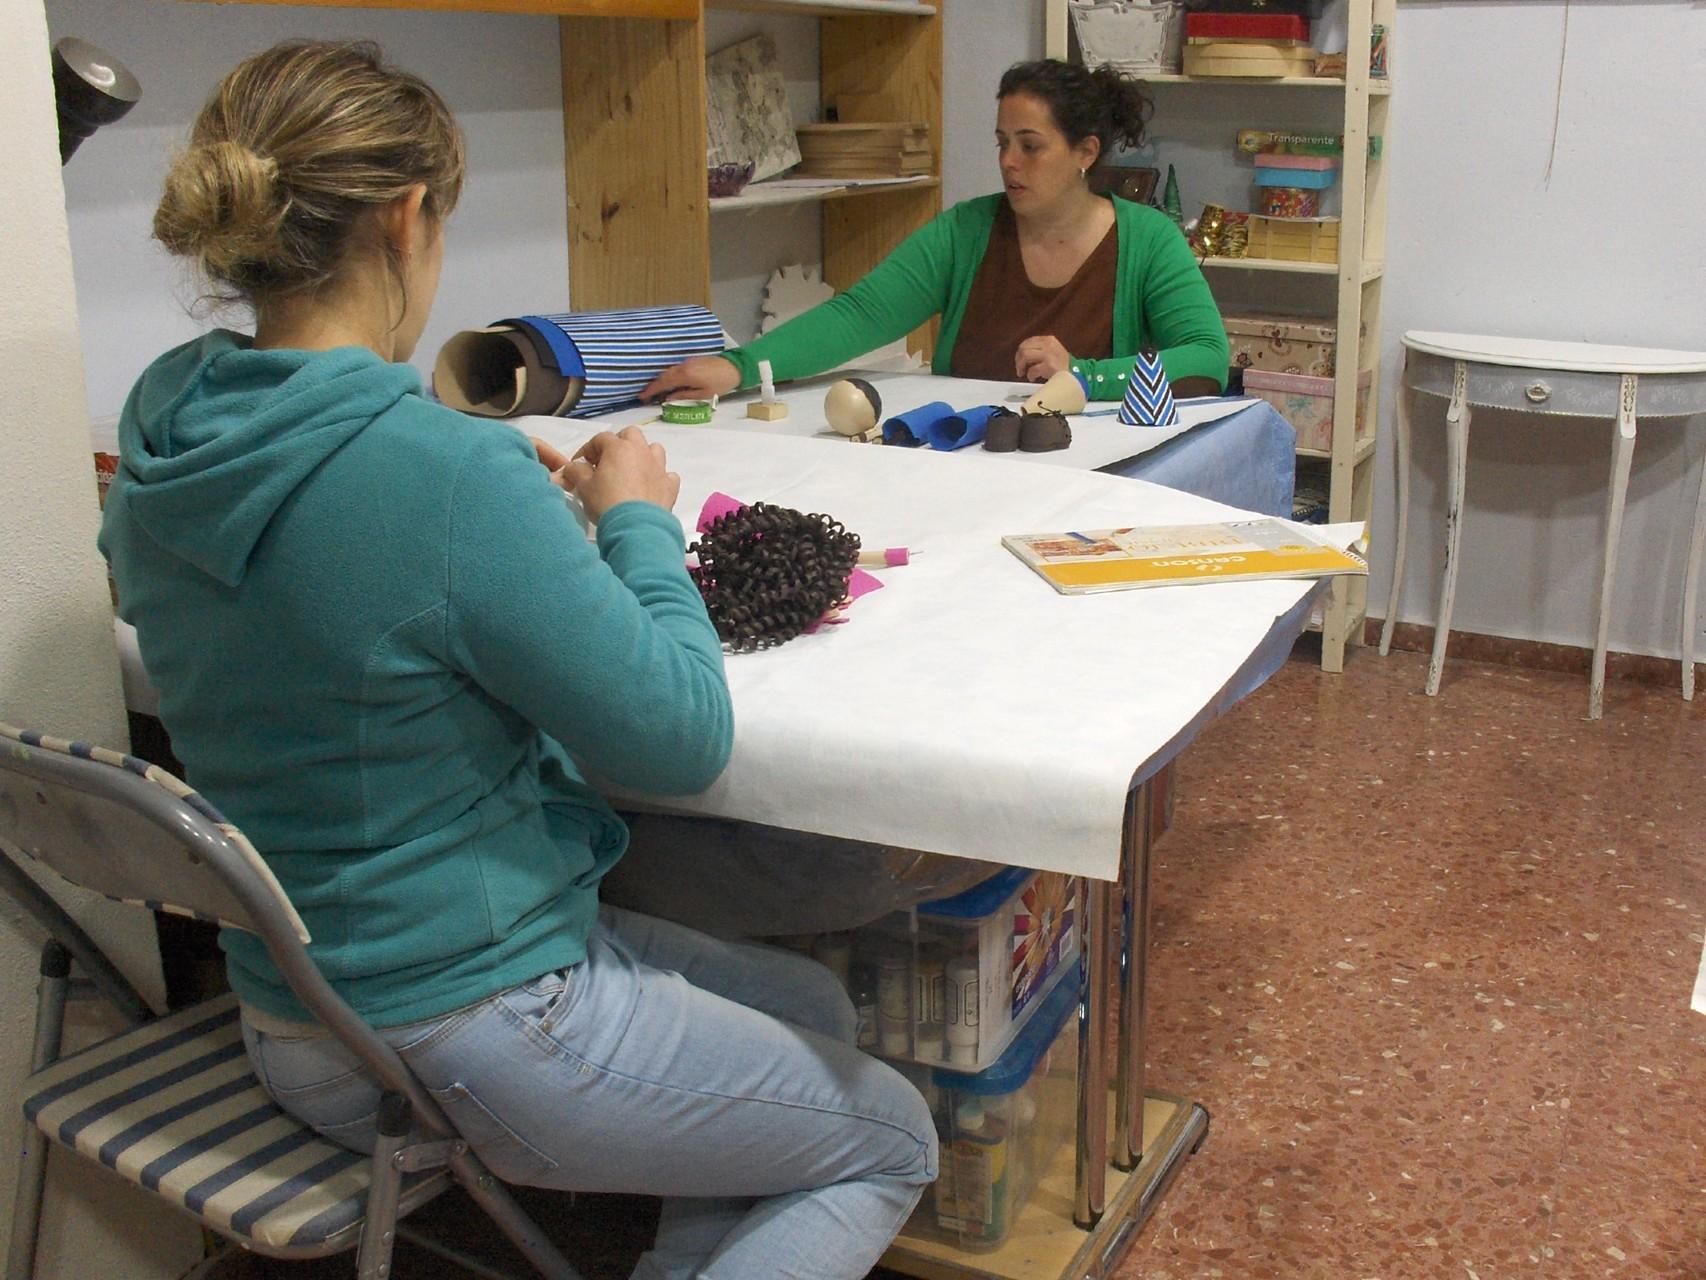 Cursos De Maunualidades Y Decoraci N Botticelli Manualidades  ~ Cursos De Manualidades En Valencia